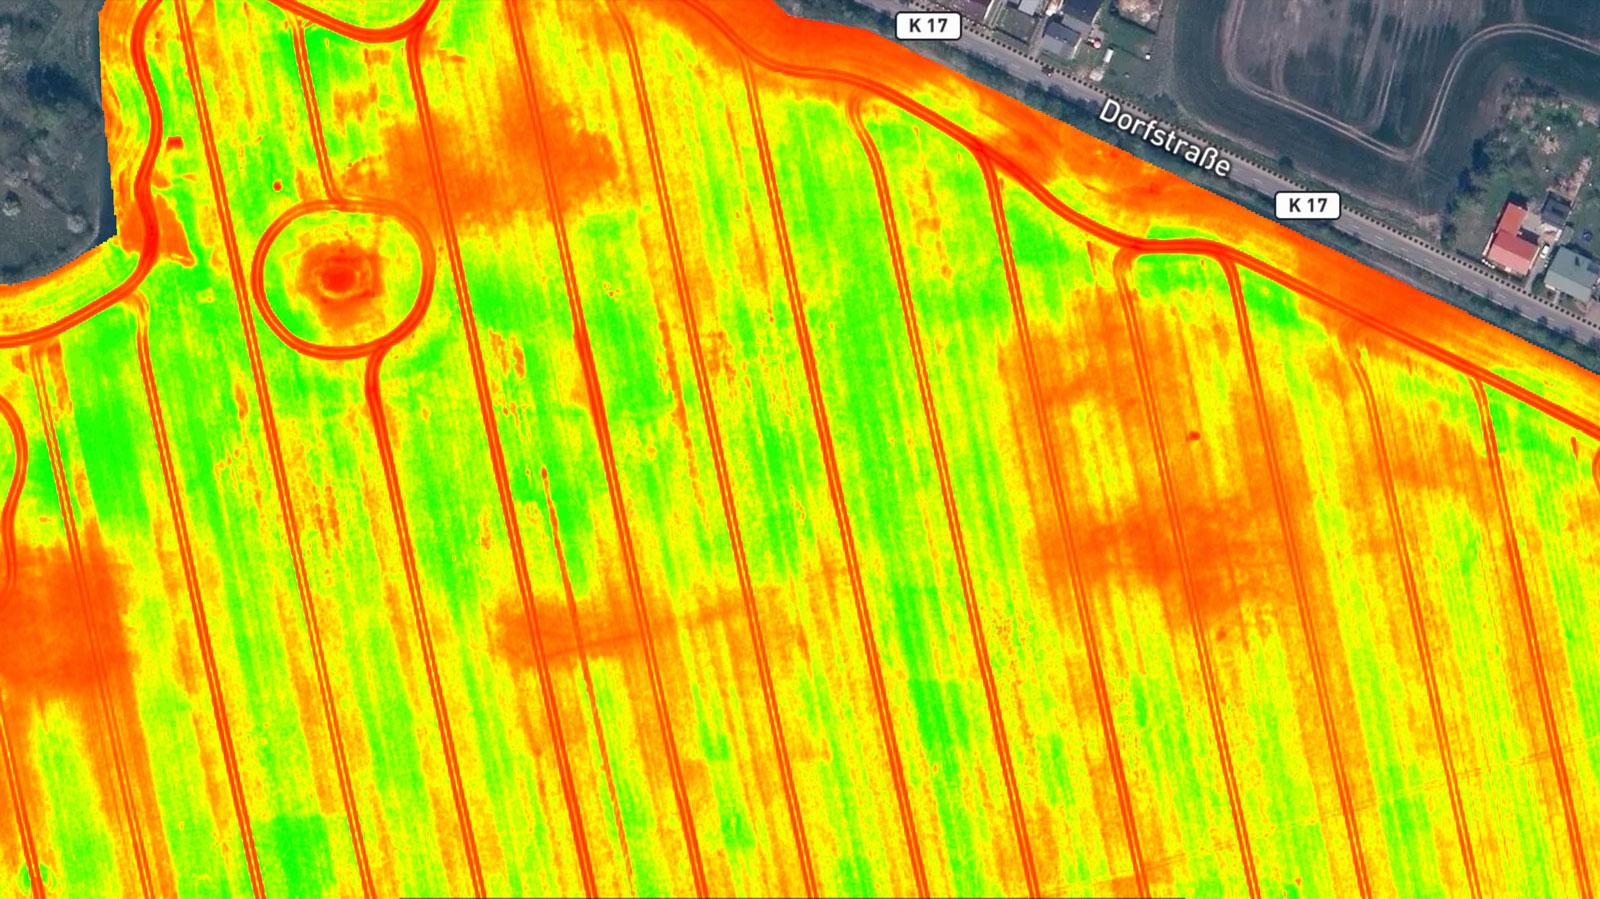 農業用植生指標のマップ出力